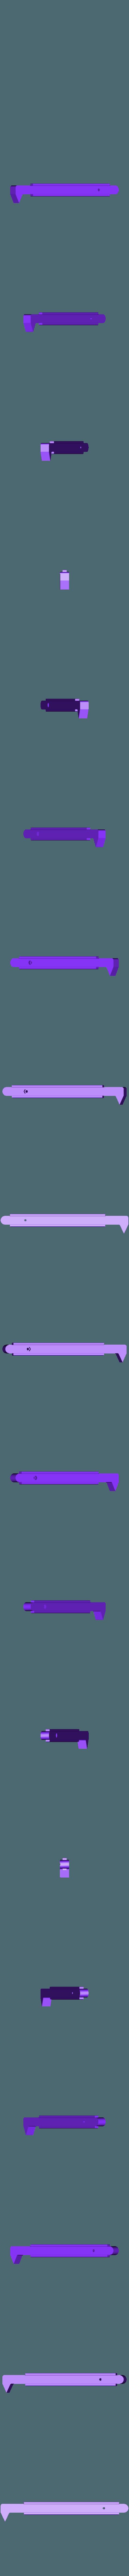 arm.STL Télécharger fichier STL gratuit Mécanisme de mise en forme (mécanisme de retour rapide) • Design pour imprimante 3D, YEHIA